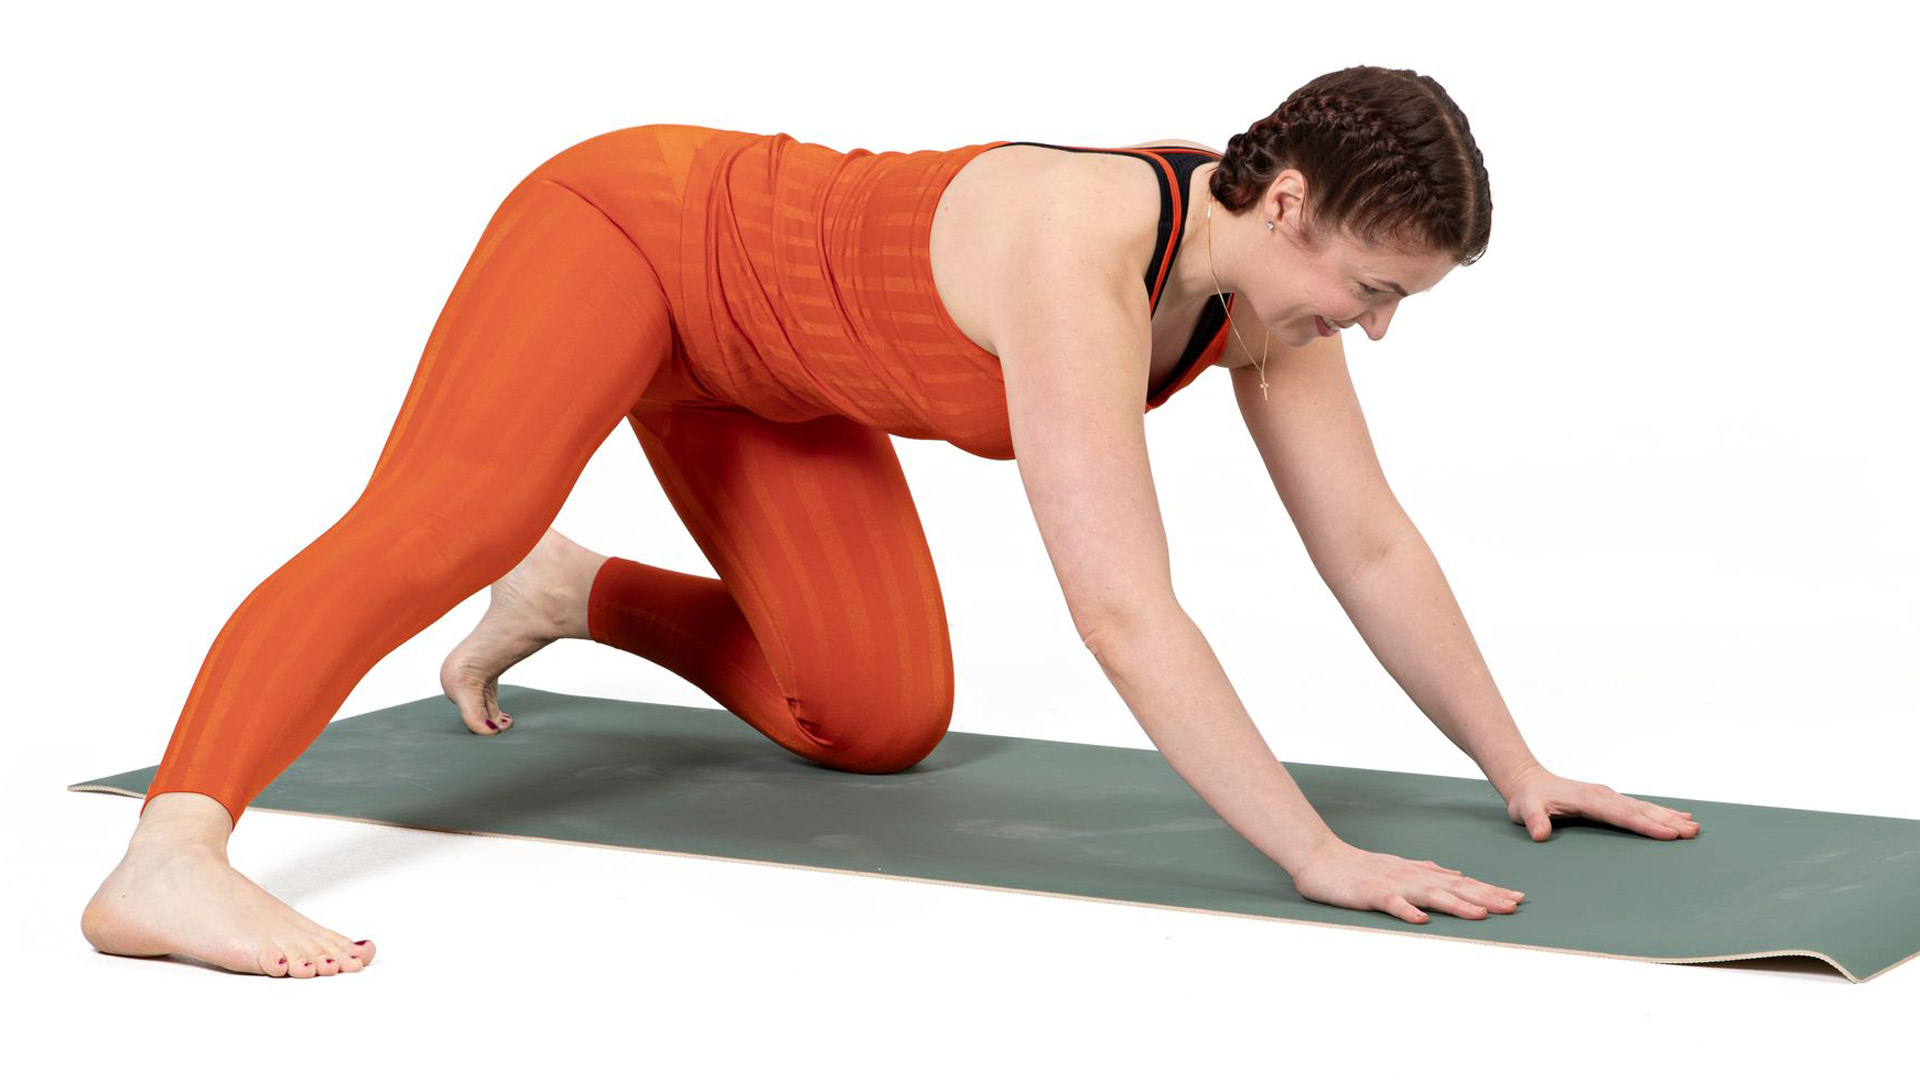 Peruuta peppua taaksepäin, paina suoran jalan sisäreittä lattiaa kohden.